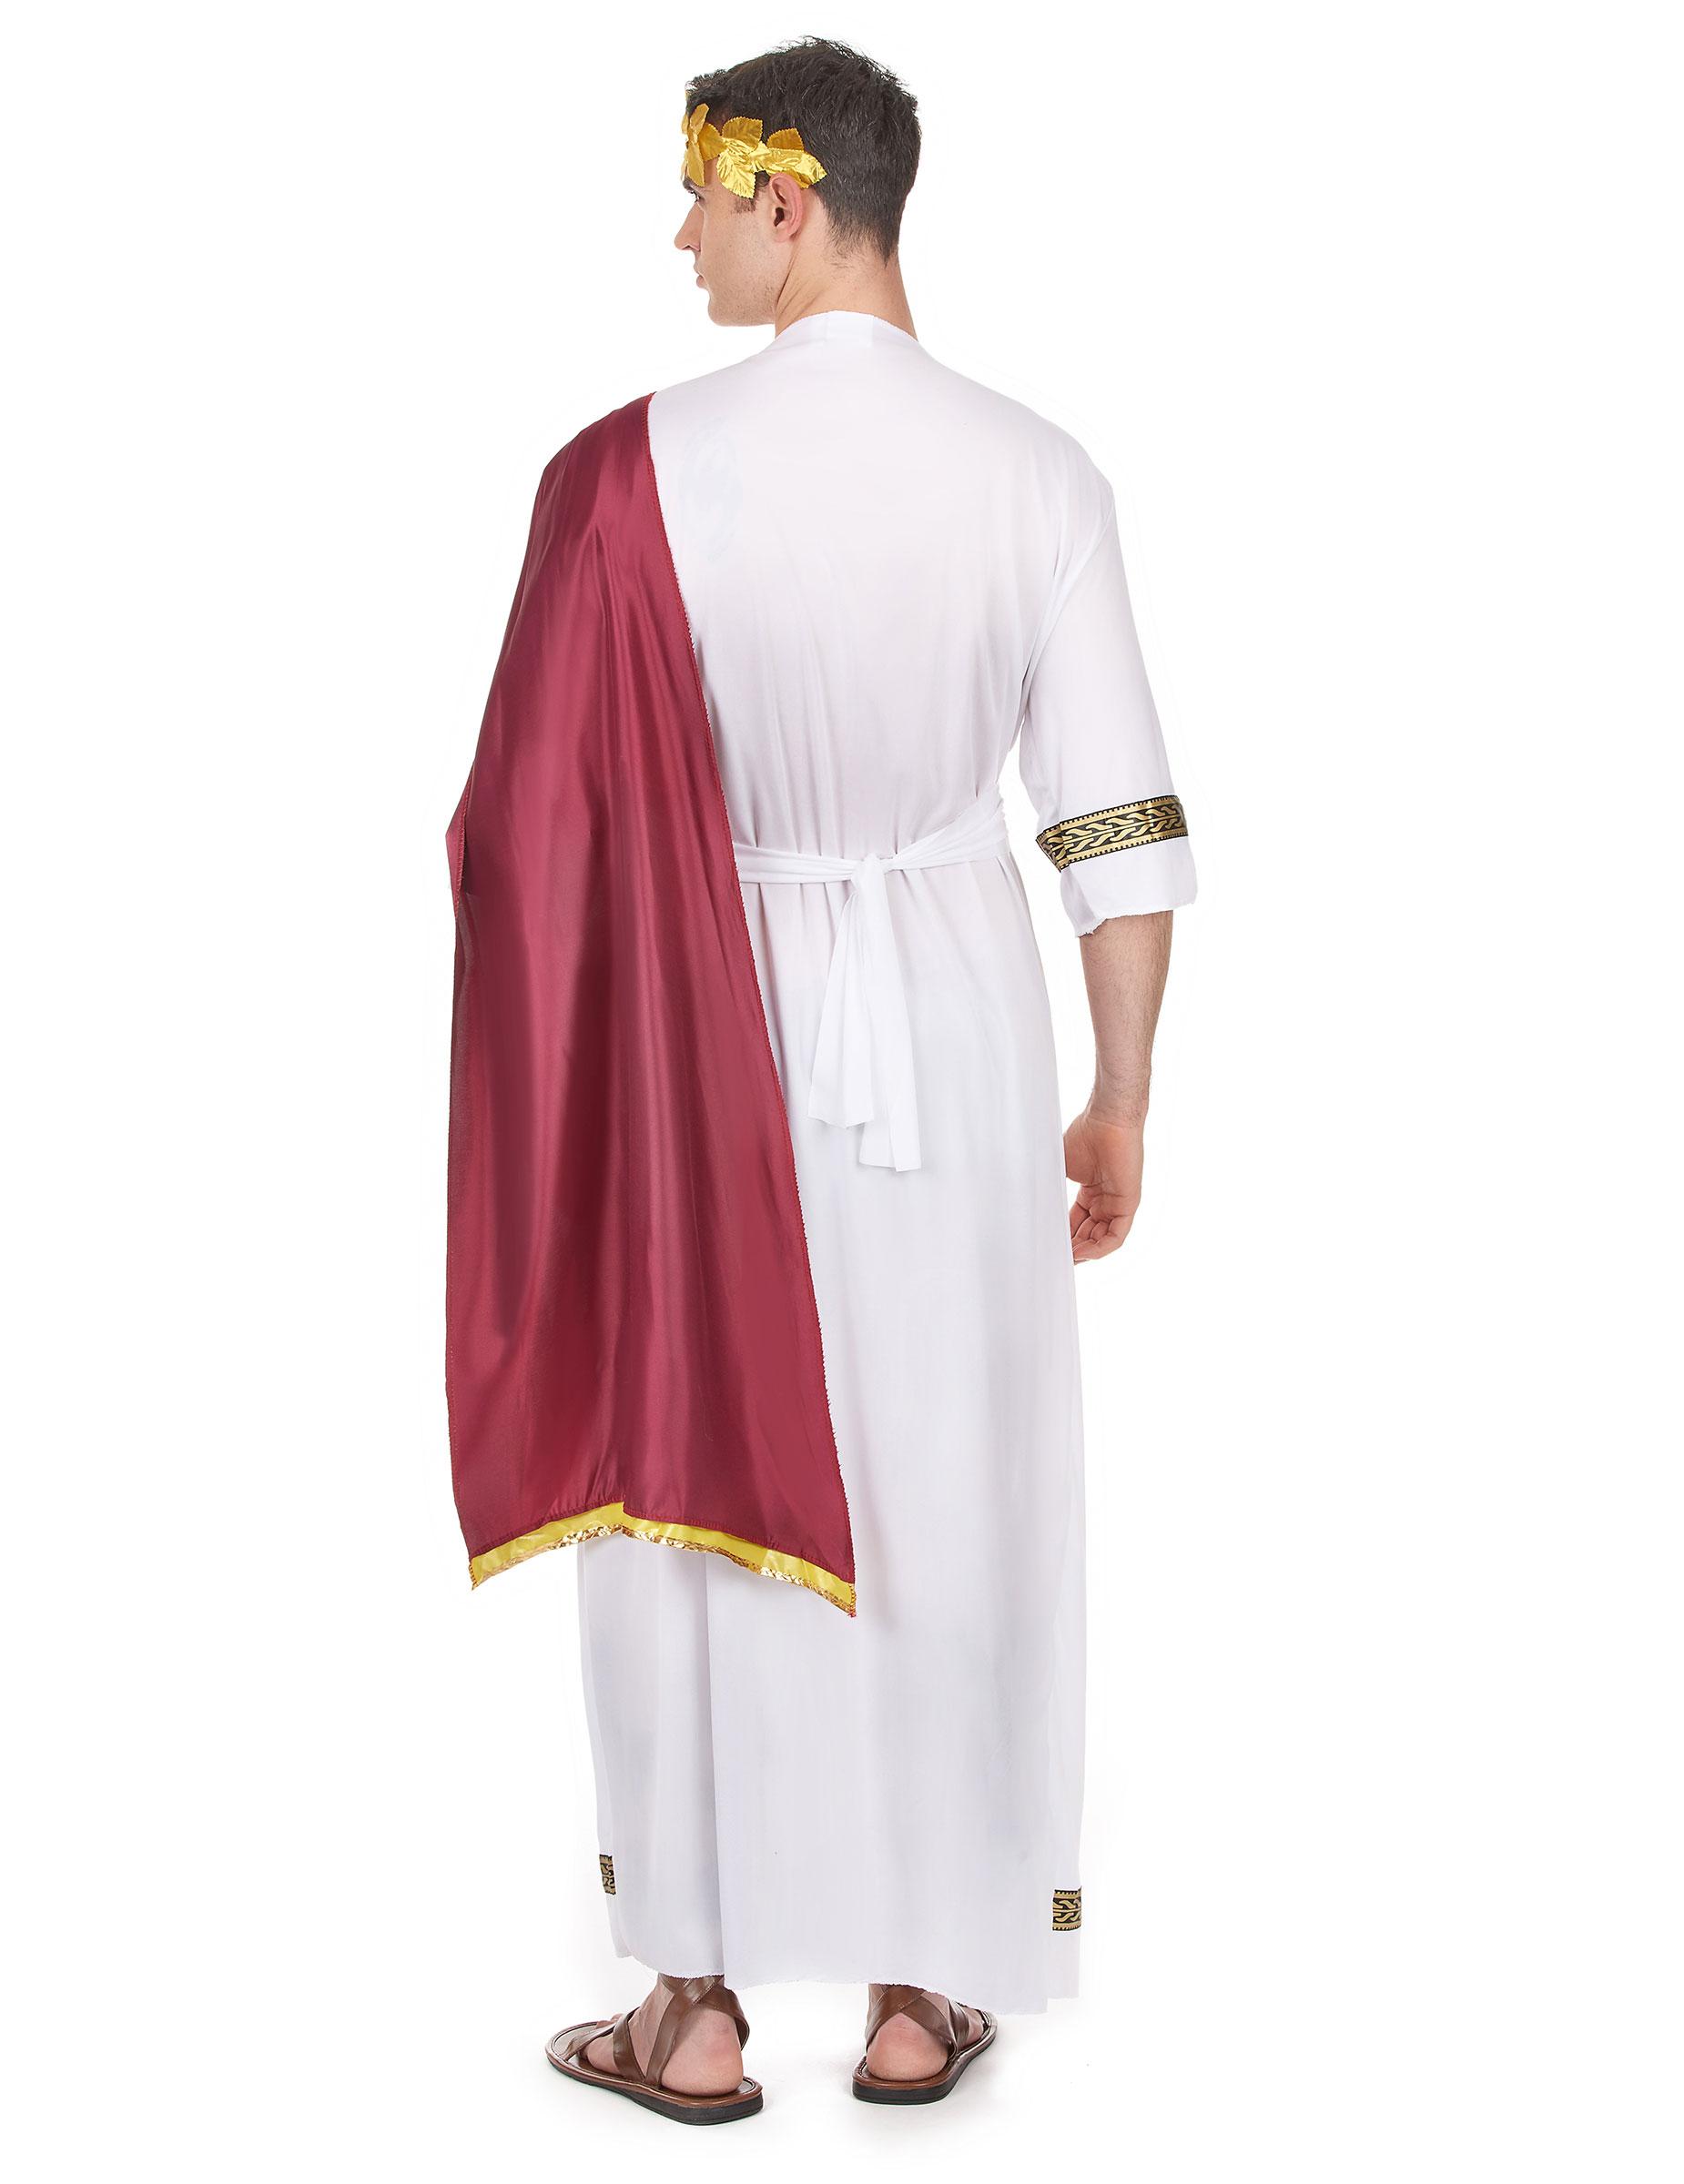 D guisement empereur grec homme achat de d guisements adultes sur vegaoopro grossiste en - Deguisement dieu grec ...